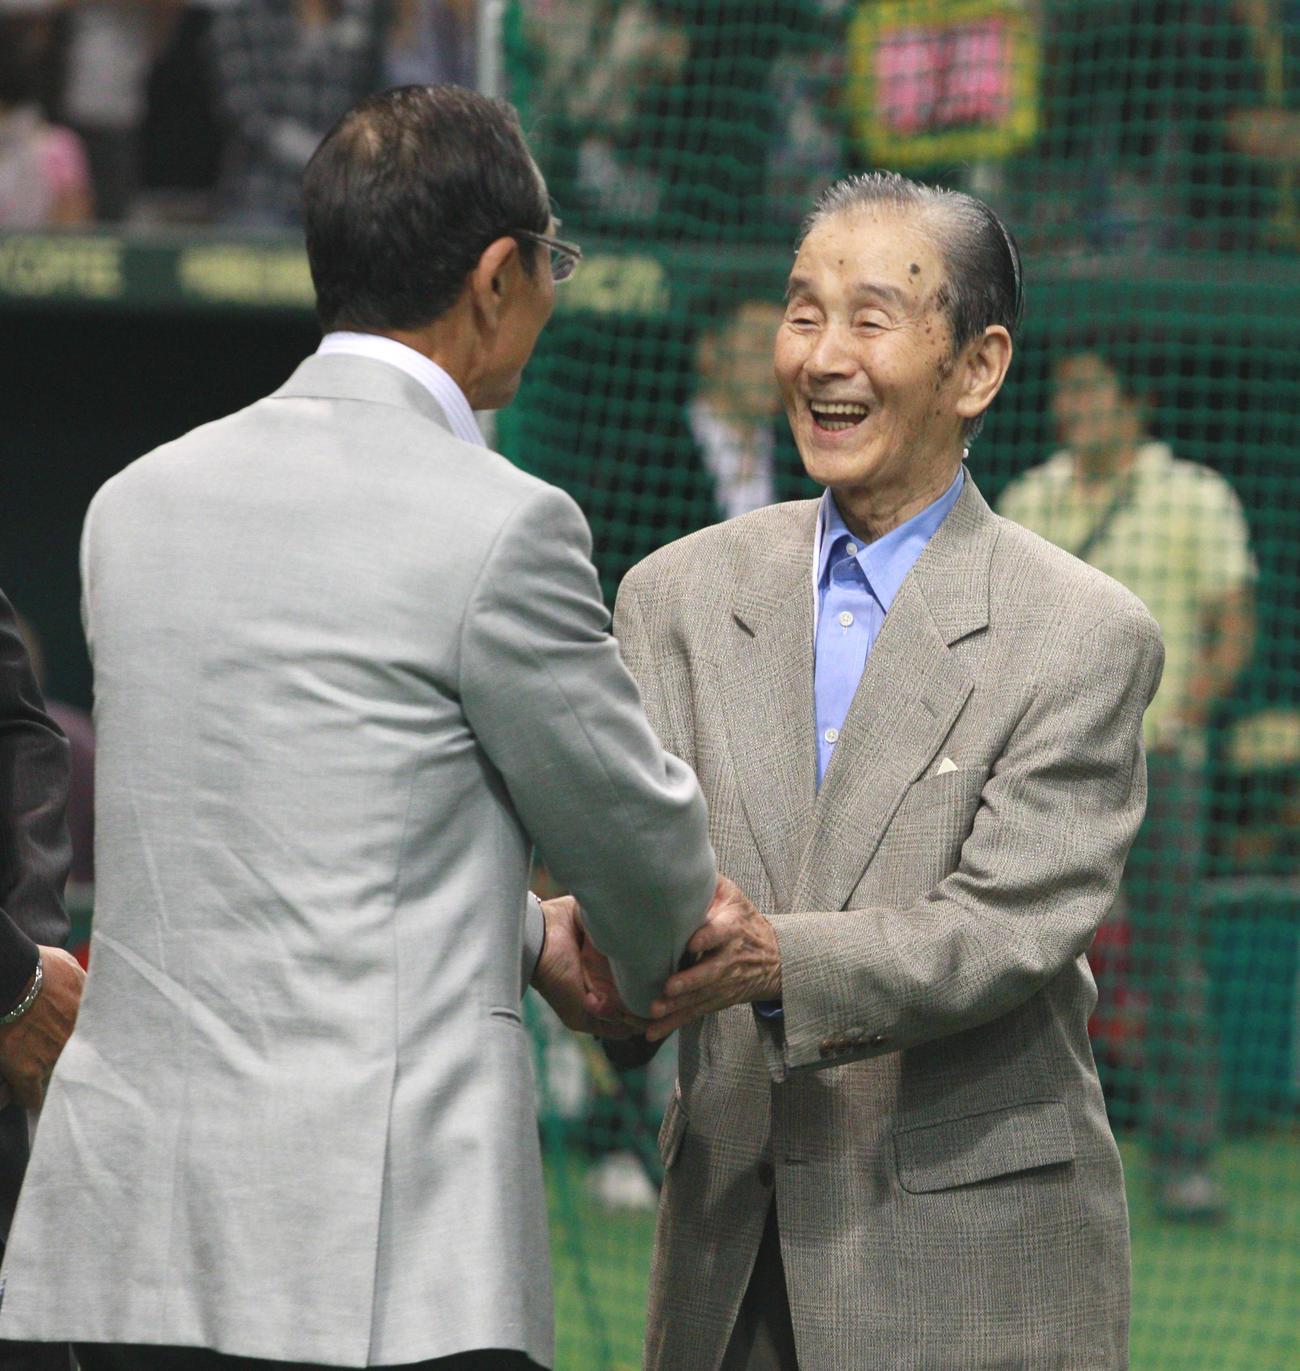 ソフトバンク王貞治会長とあいさつを交わす関根潤三氏(右)(2010年5月27日撮影)